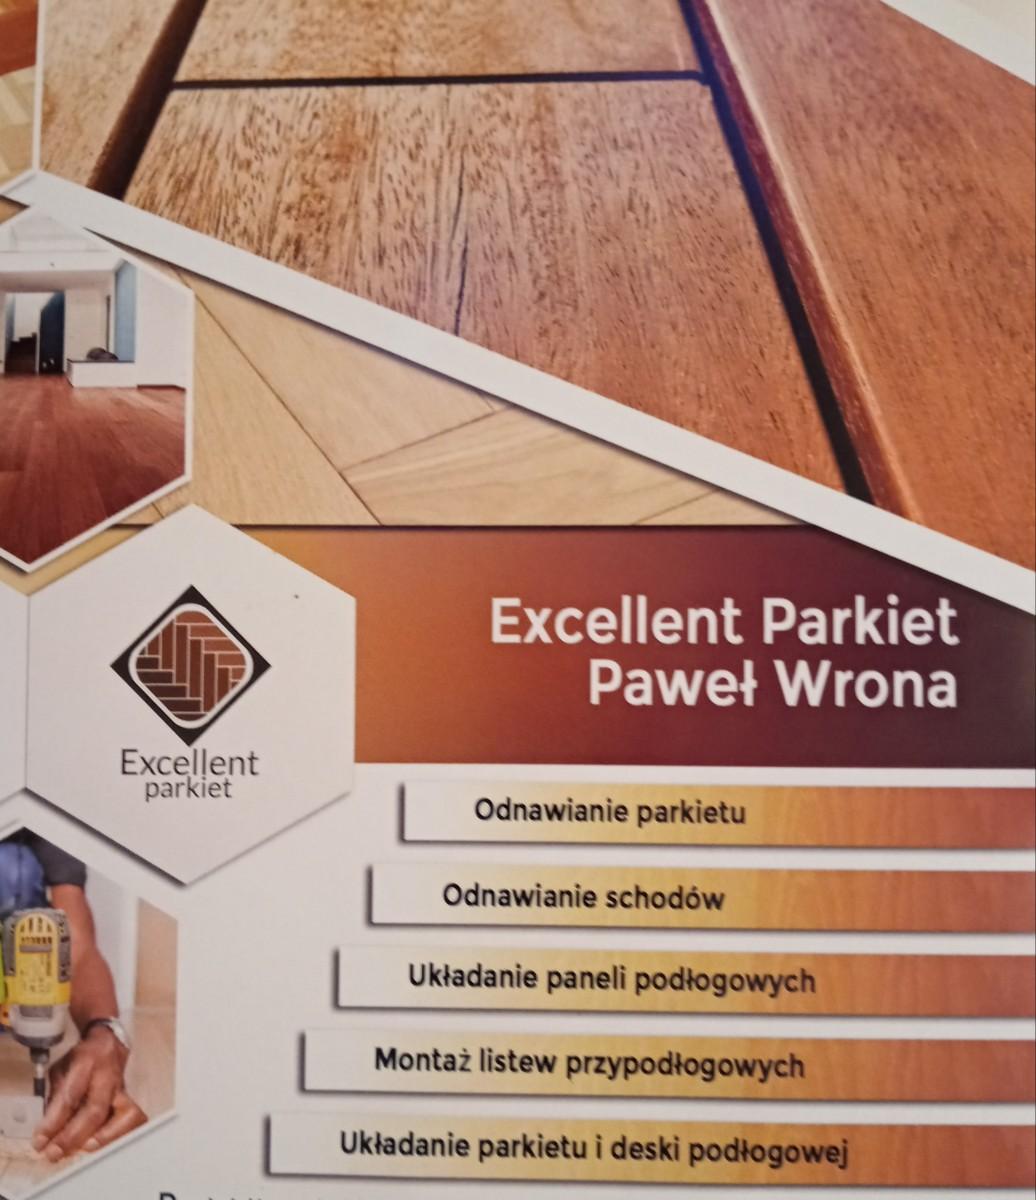 Excellent Parkiet Paweł Wrona cykliniarze parkieciarze zdjecie